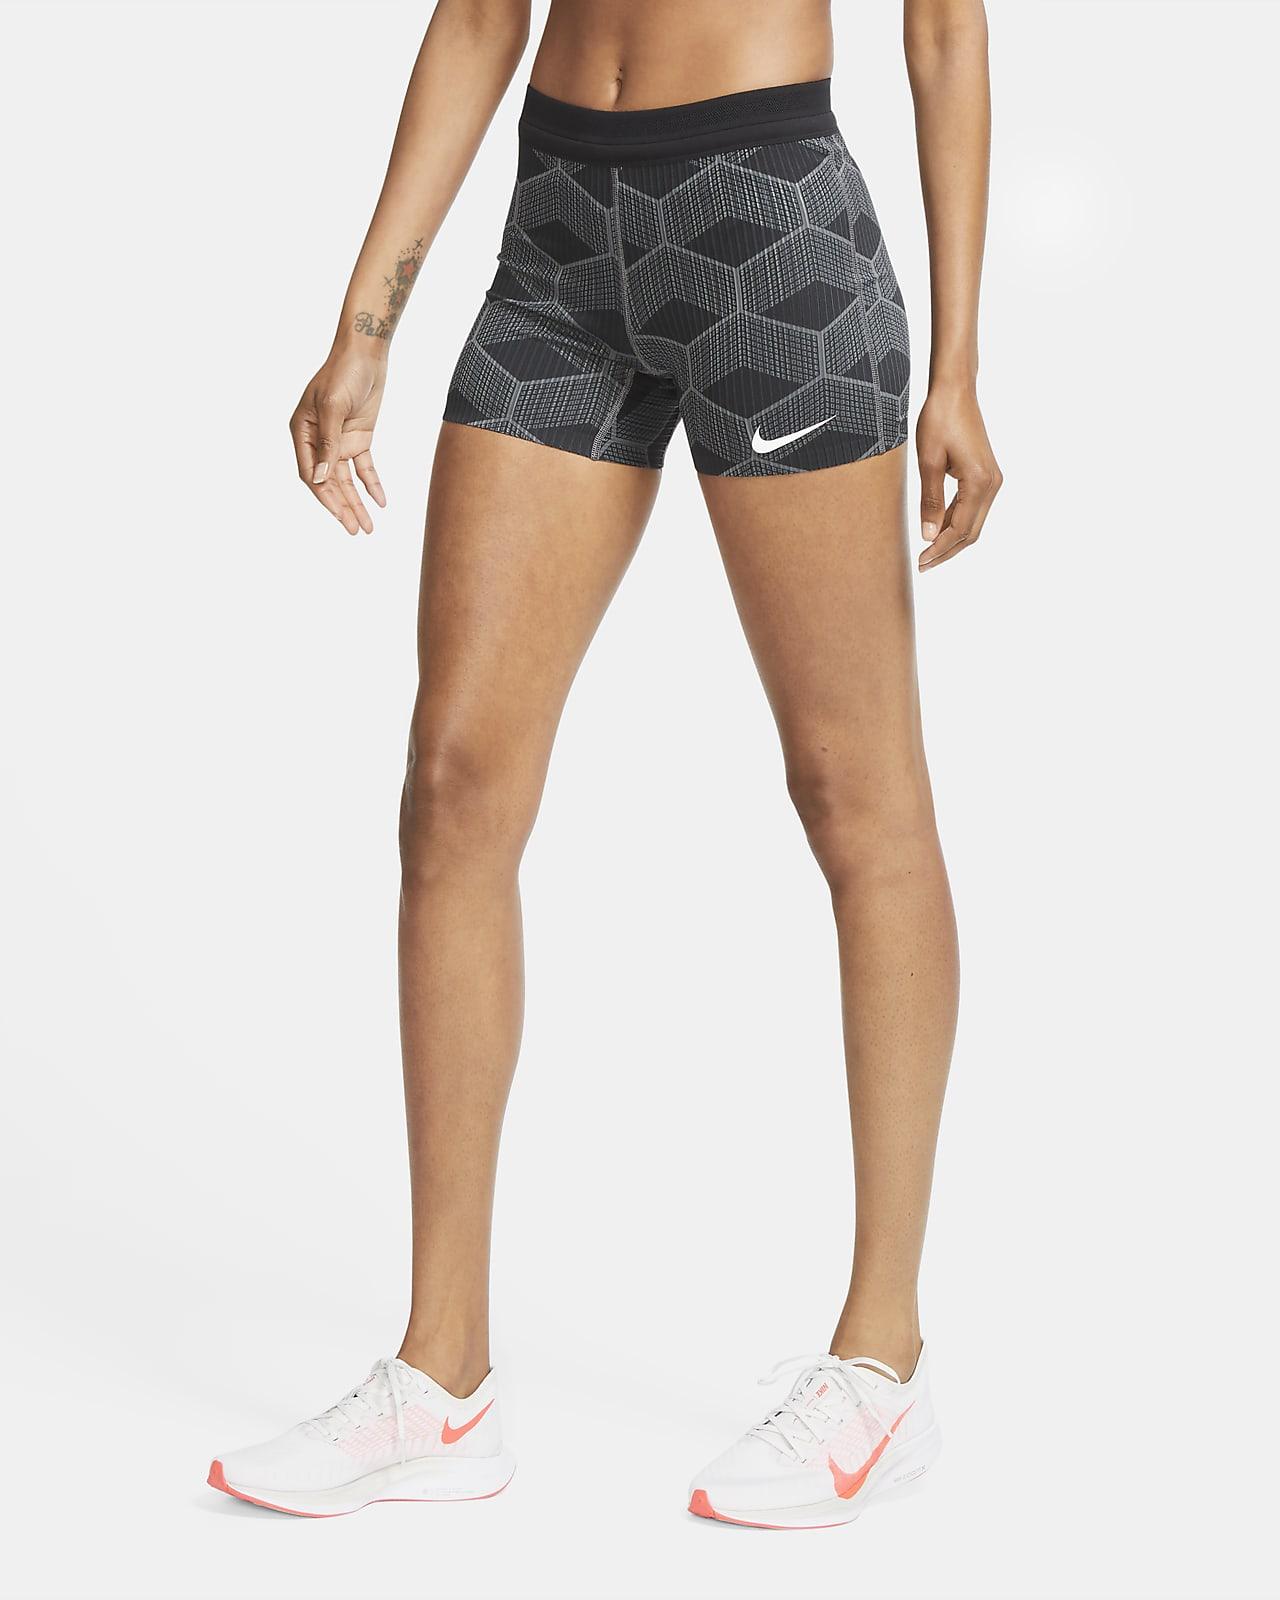 กางเกงวิ่งรัดรูปขาสั้นผู้หญิง Nike Dri-FIT ADV Team Kenya AeroSwift